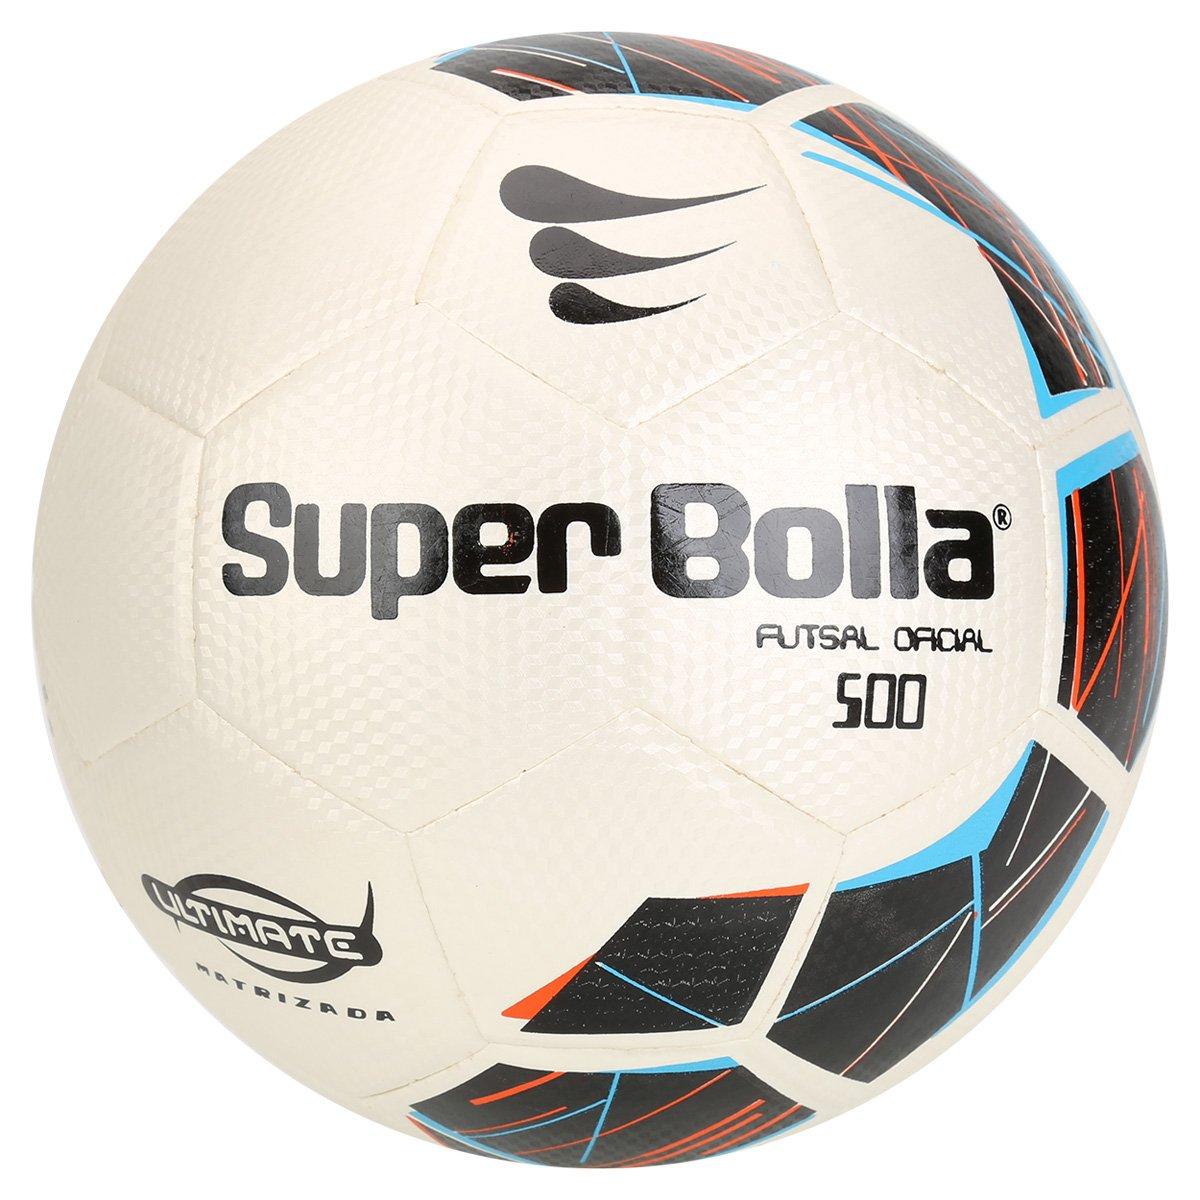 6f26eb96e5 Bola Futebol Super Bolla Ultimate Matrizada 500 Futsal - Compre ...